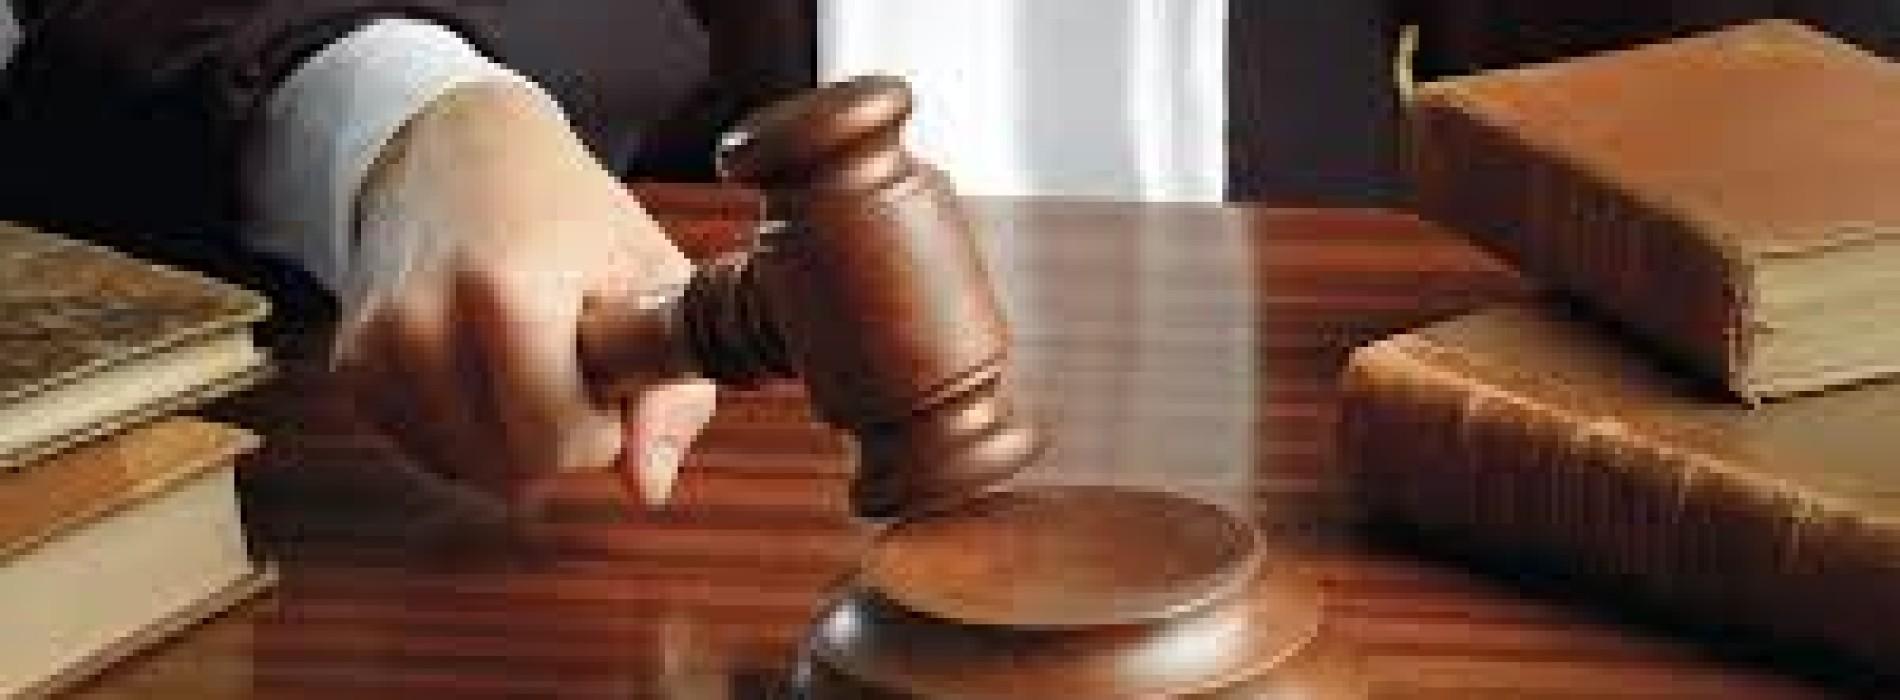 Мошенники-вымогатели заплатят штраф за навязываемые бизнесменам услуги